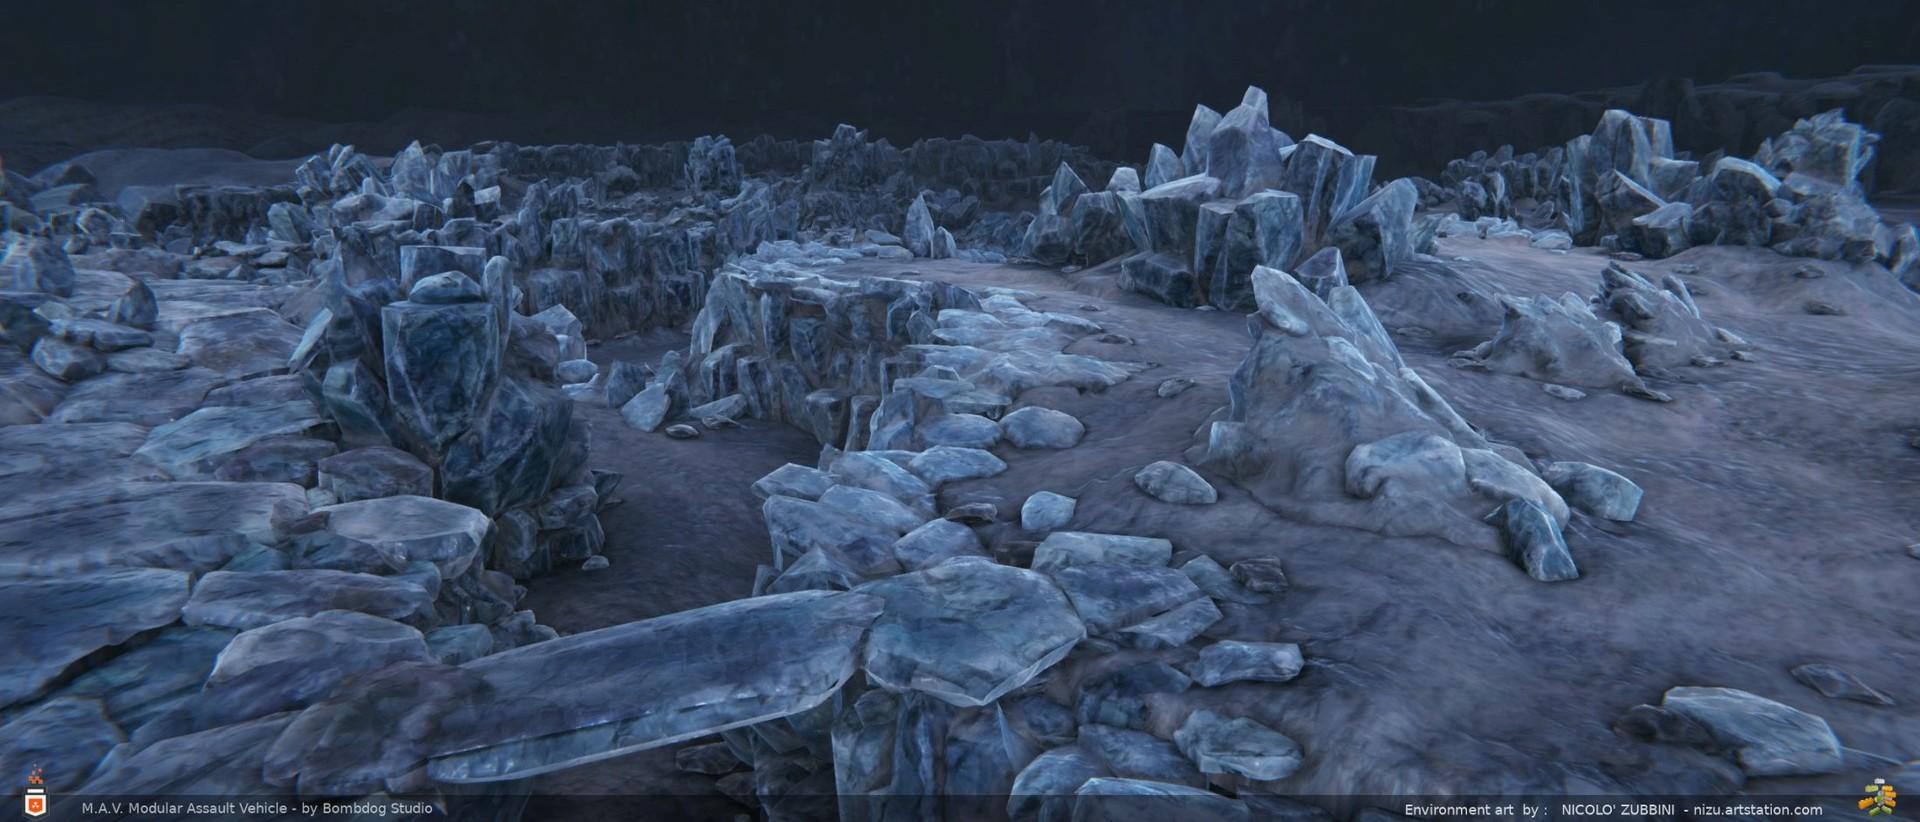 Nicolo zubbini ice mountain 2